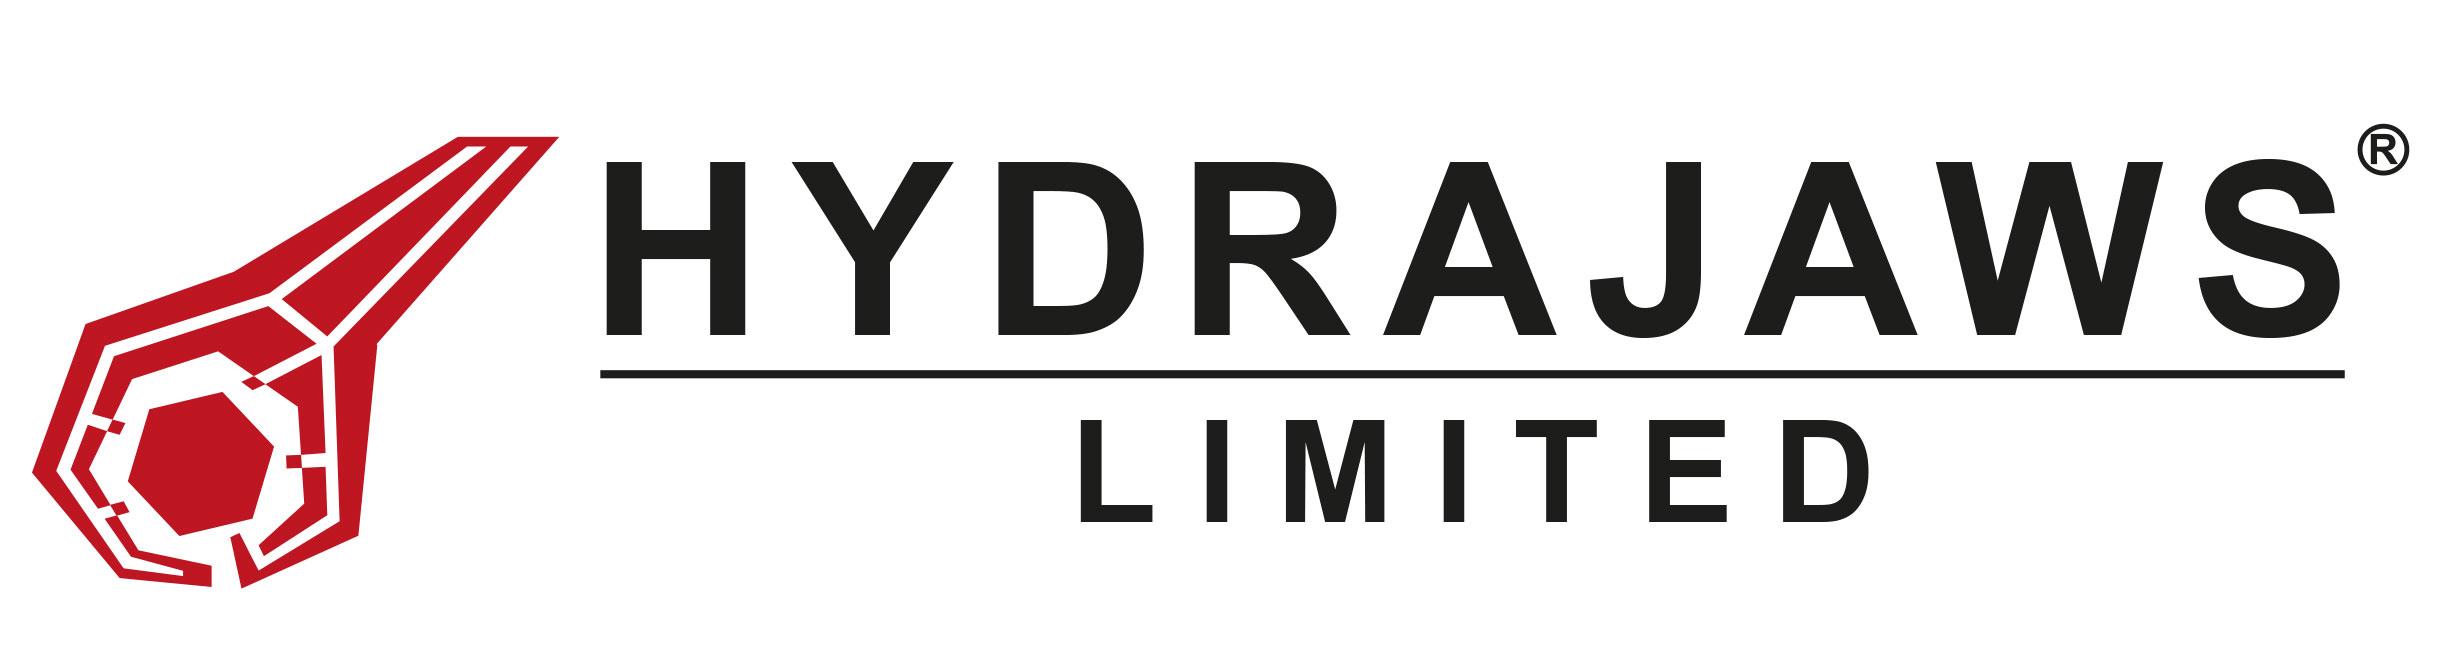 Hydrajwas Limited Ankerzugprüfgeräte